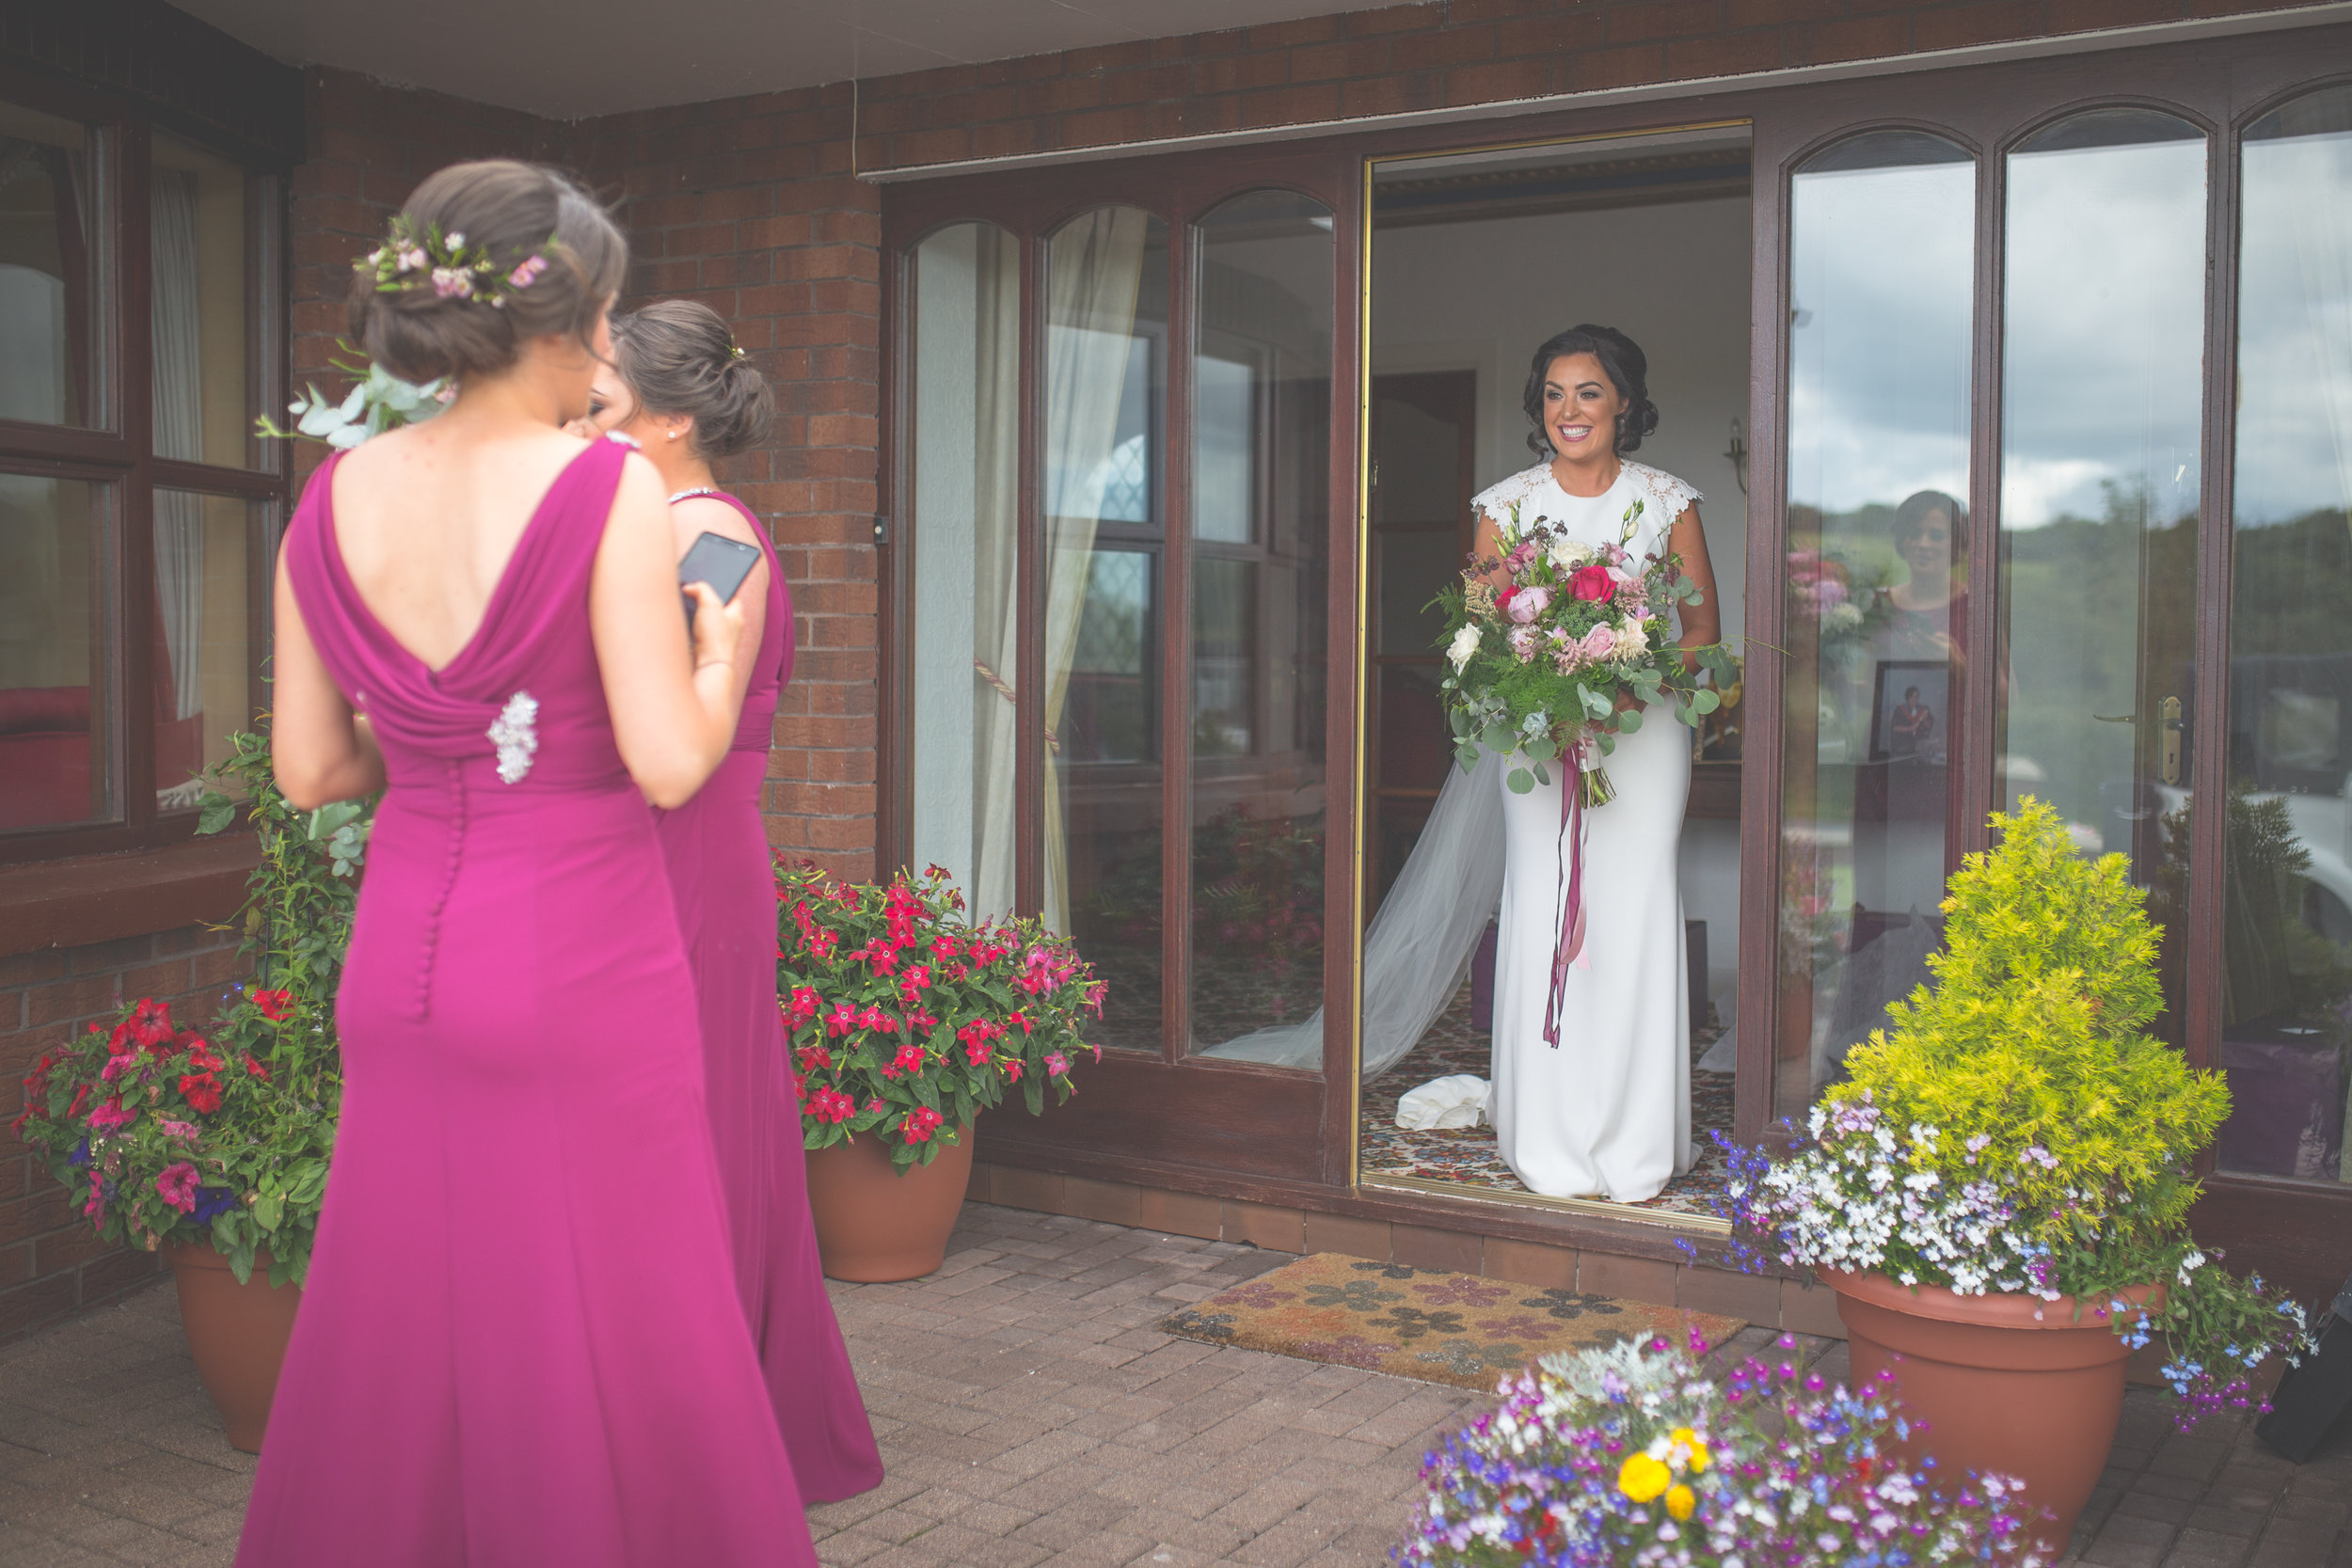 Brian McEwan Wedding Photography | Carol-Anne & Sean | Bridal Preparations-154.jpg